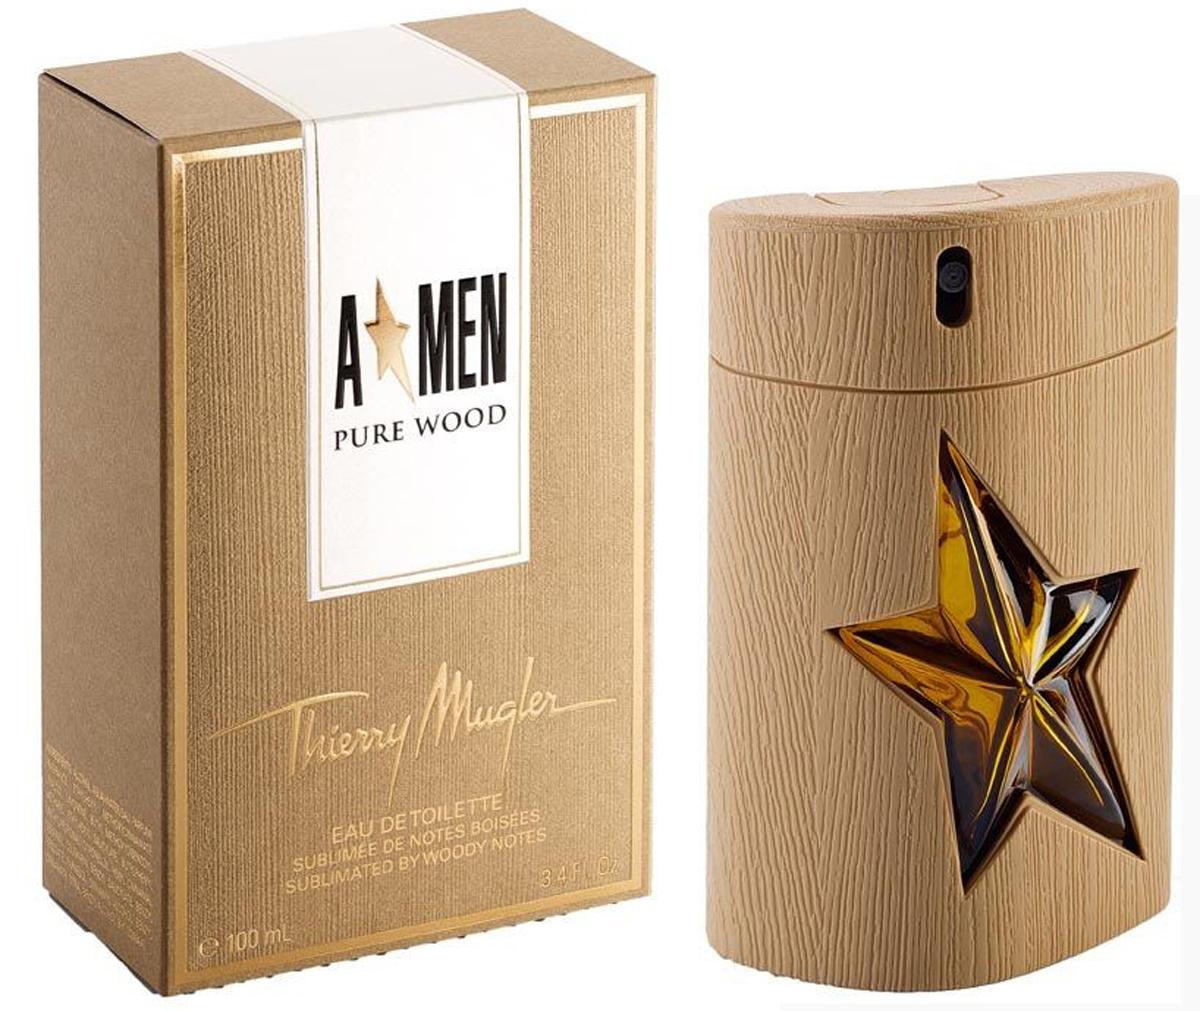 Thierry Mugler Туалетная вода A*Men Pure Wood, мужская, 100 мл13979Восточные, древесные. Дуб, кофе, ваниль, пачули, кипарис.